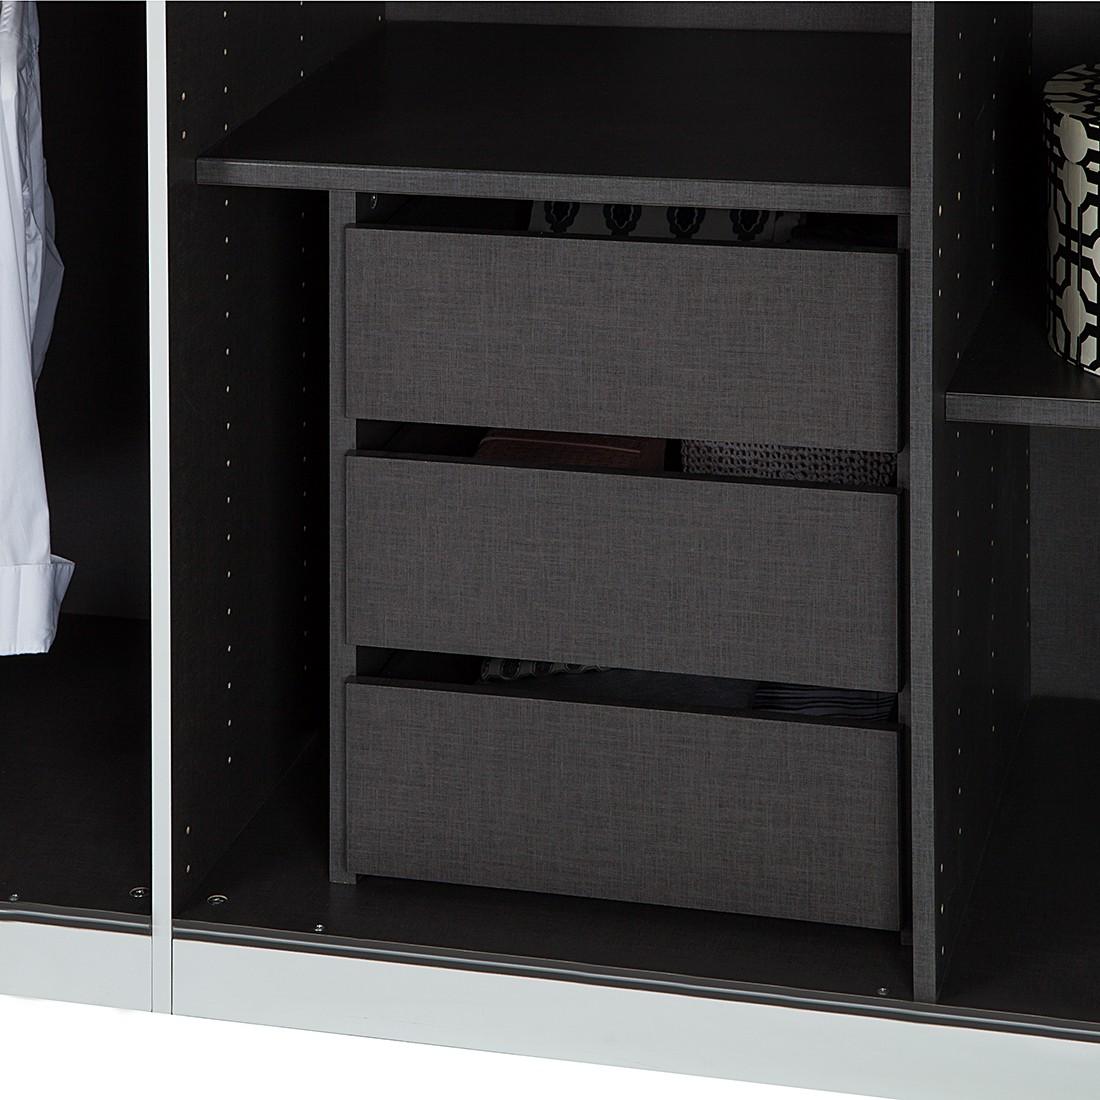 innenschubkasten k che k che wei hochglanz arbeitsplatte grau stiftung warentest mischbatterie. Black Bedroom Furniture Sets. Home Design Ideas